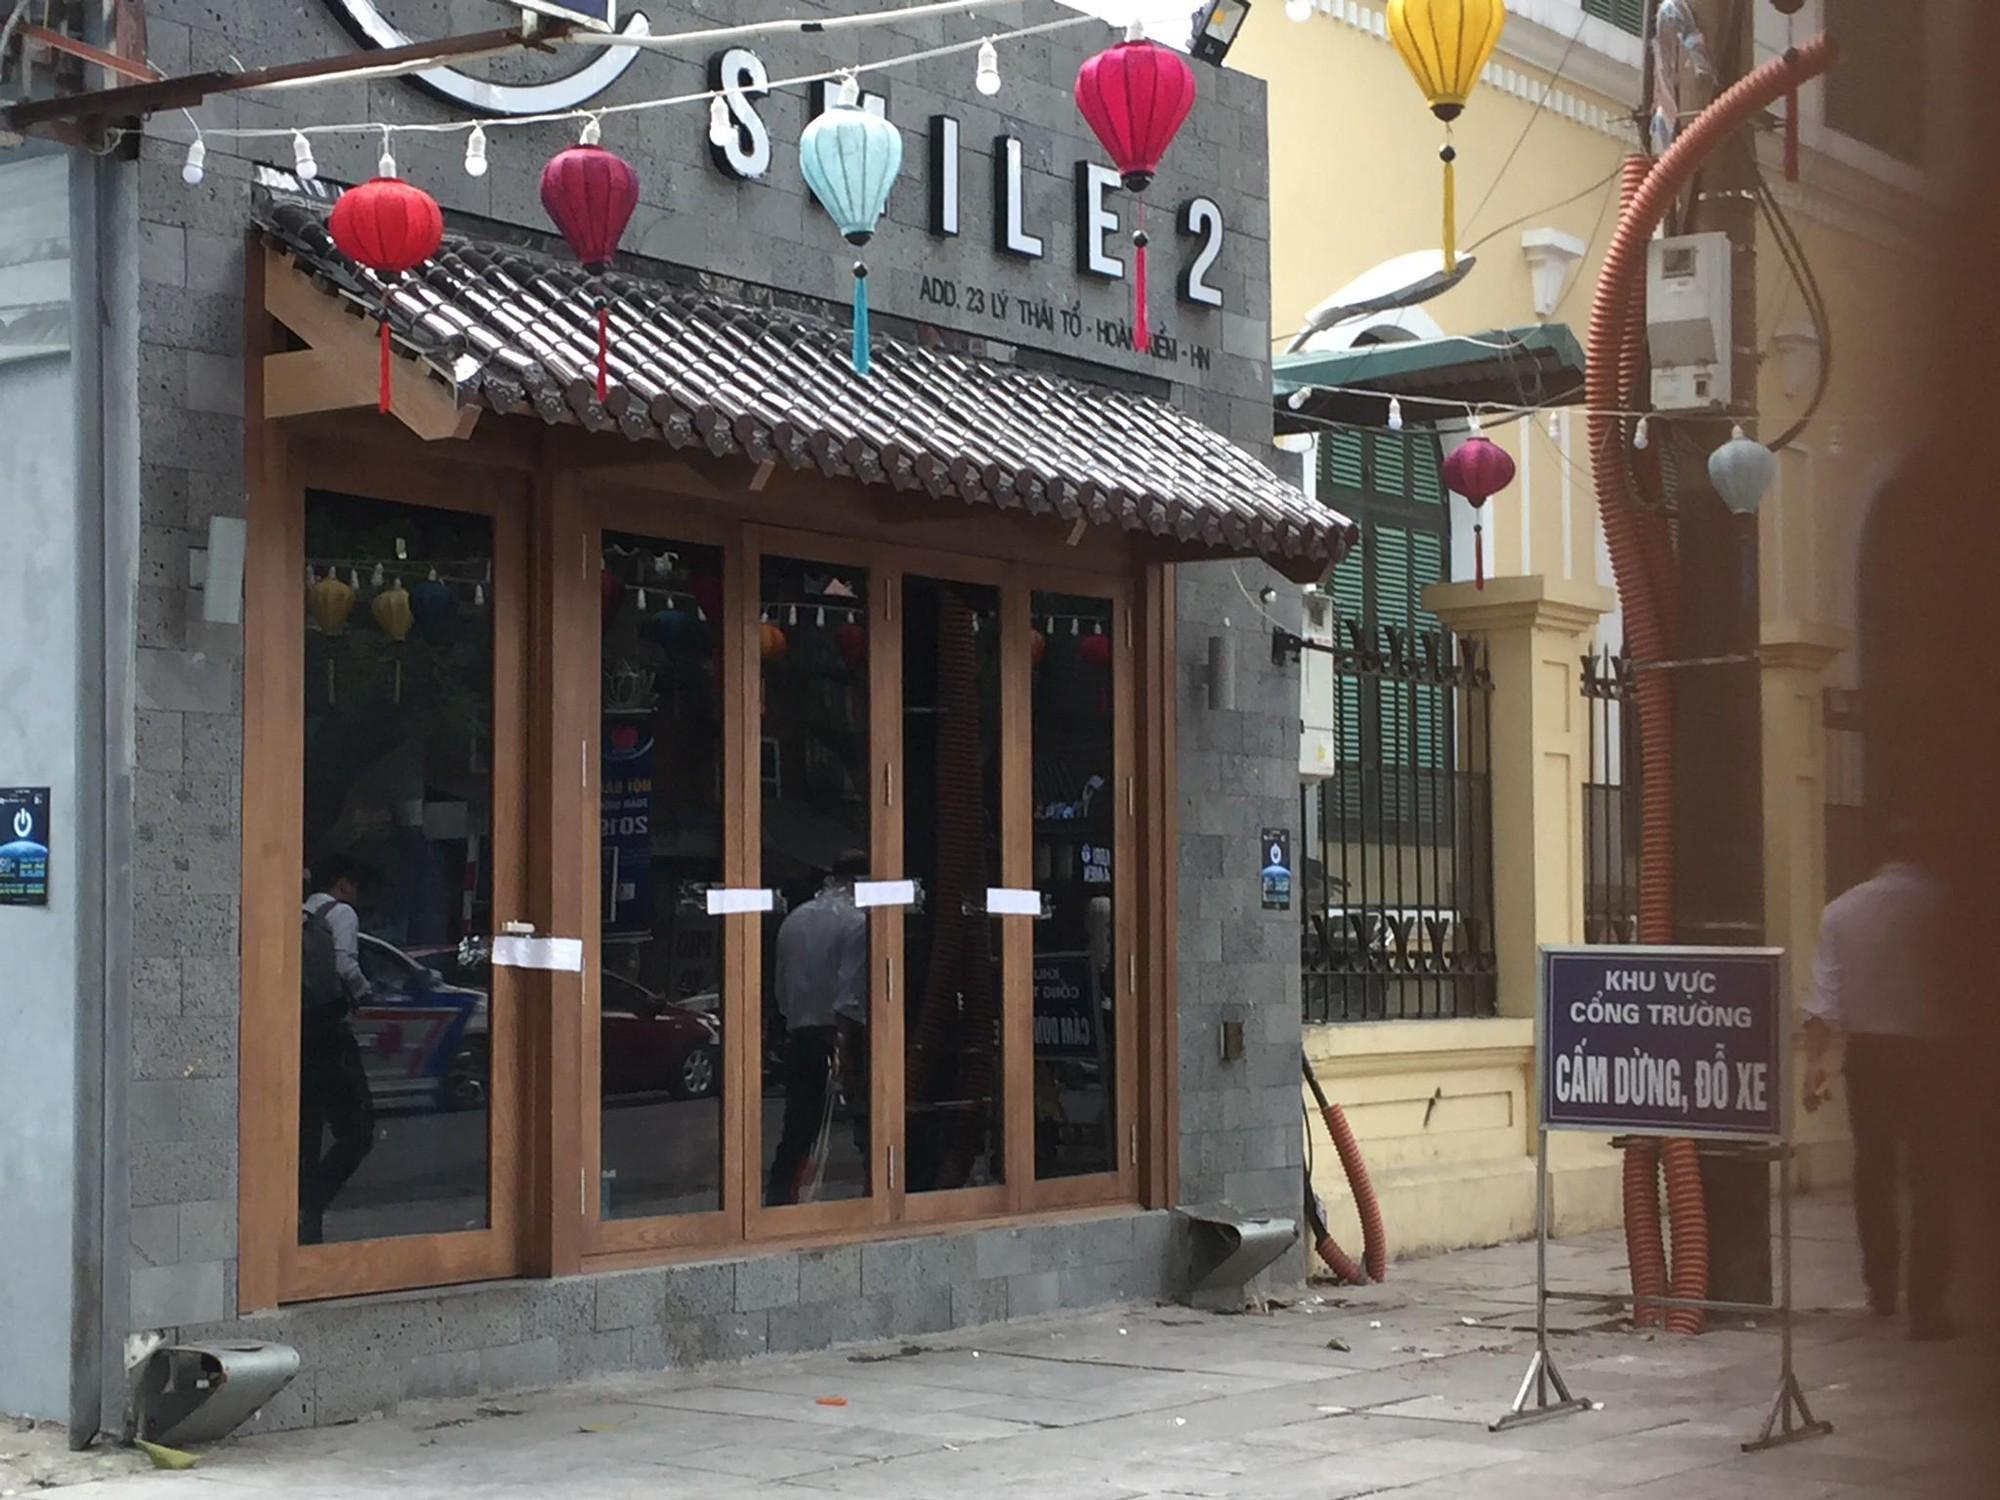 Hà Nội: Công an niêm phong quán cà phê nghi có người nước ngoài tử vong sau khi hút bóng cười để điều tra-1